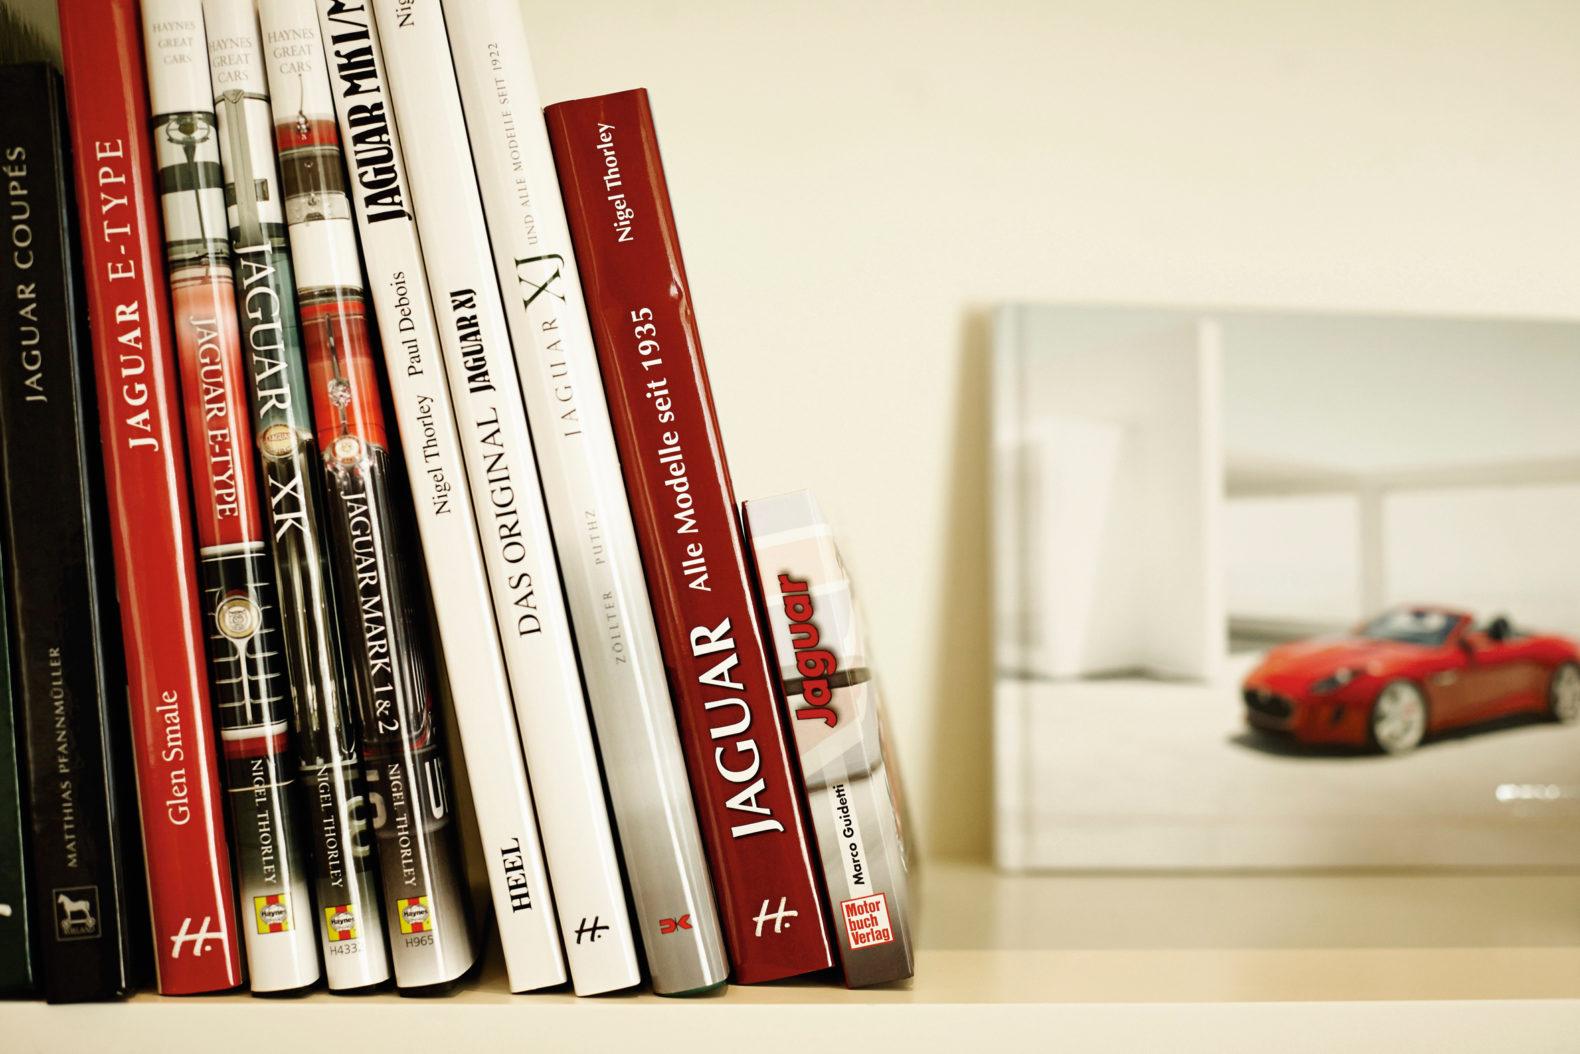 bookshelf-jaguar-suite-history-car-sans-souci-wien-vienna-austria